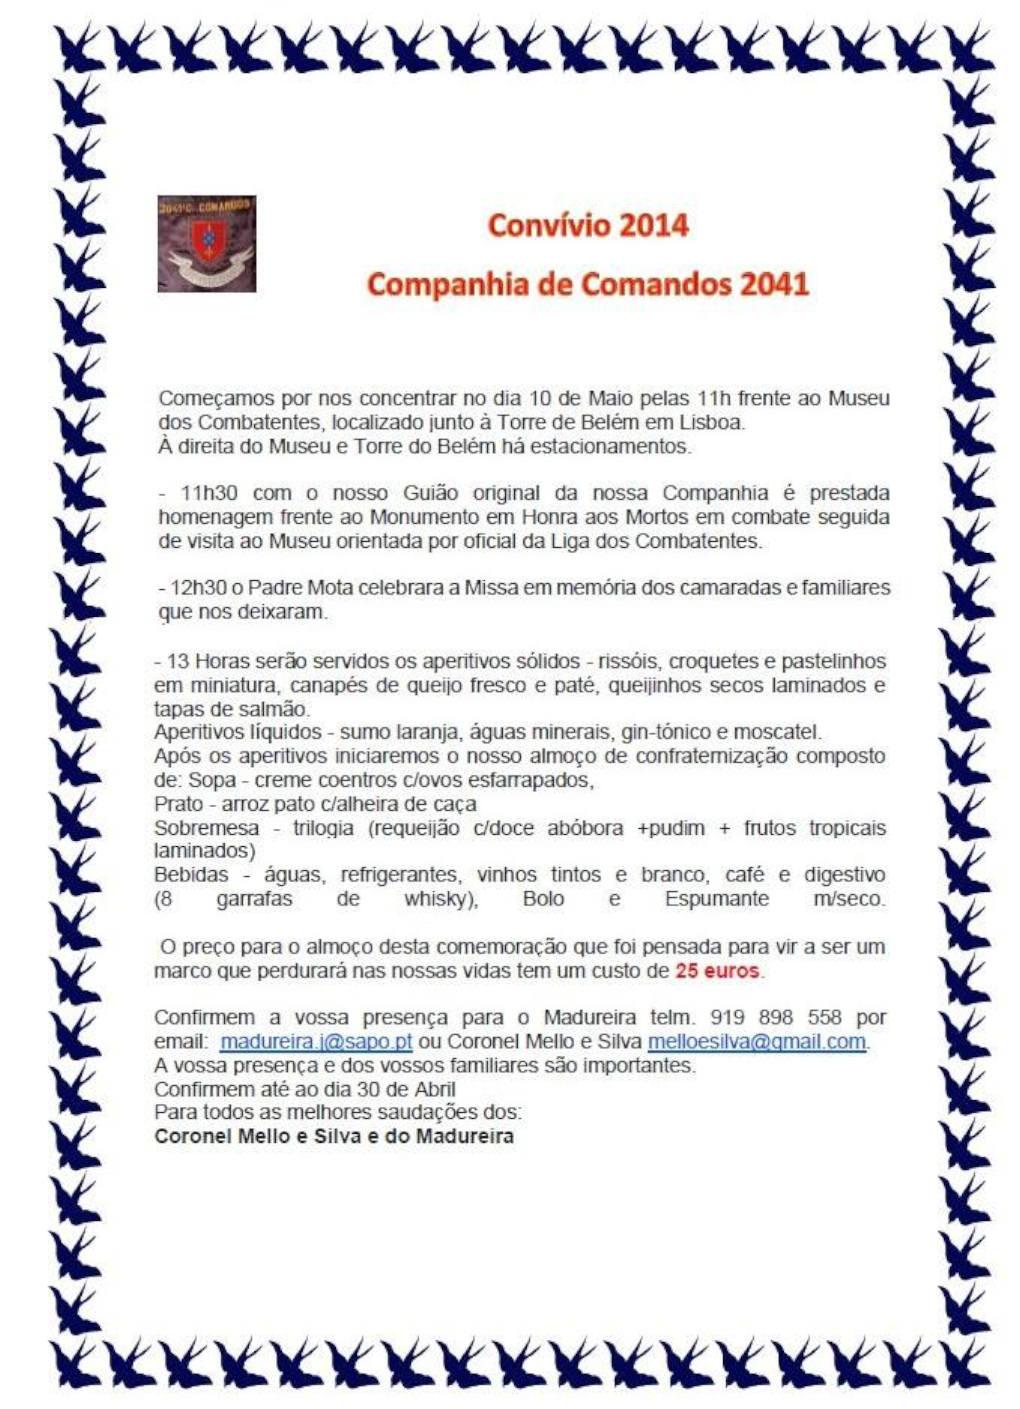 2041ª Companhia de Comandos - Lisboa - 10Mai2014 2041cc10